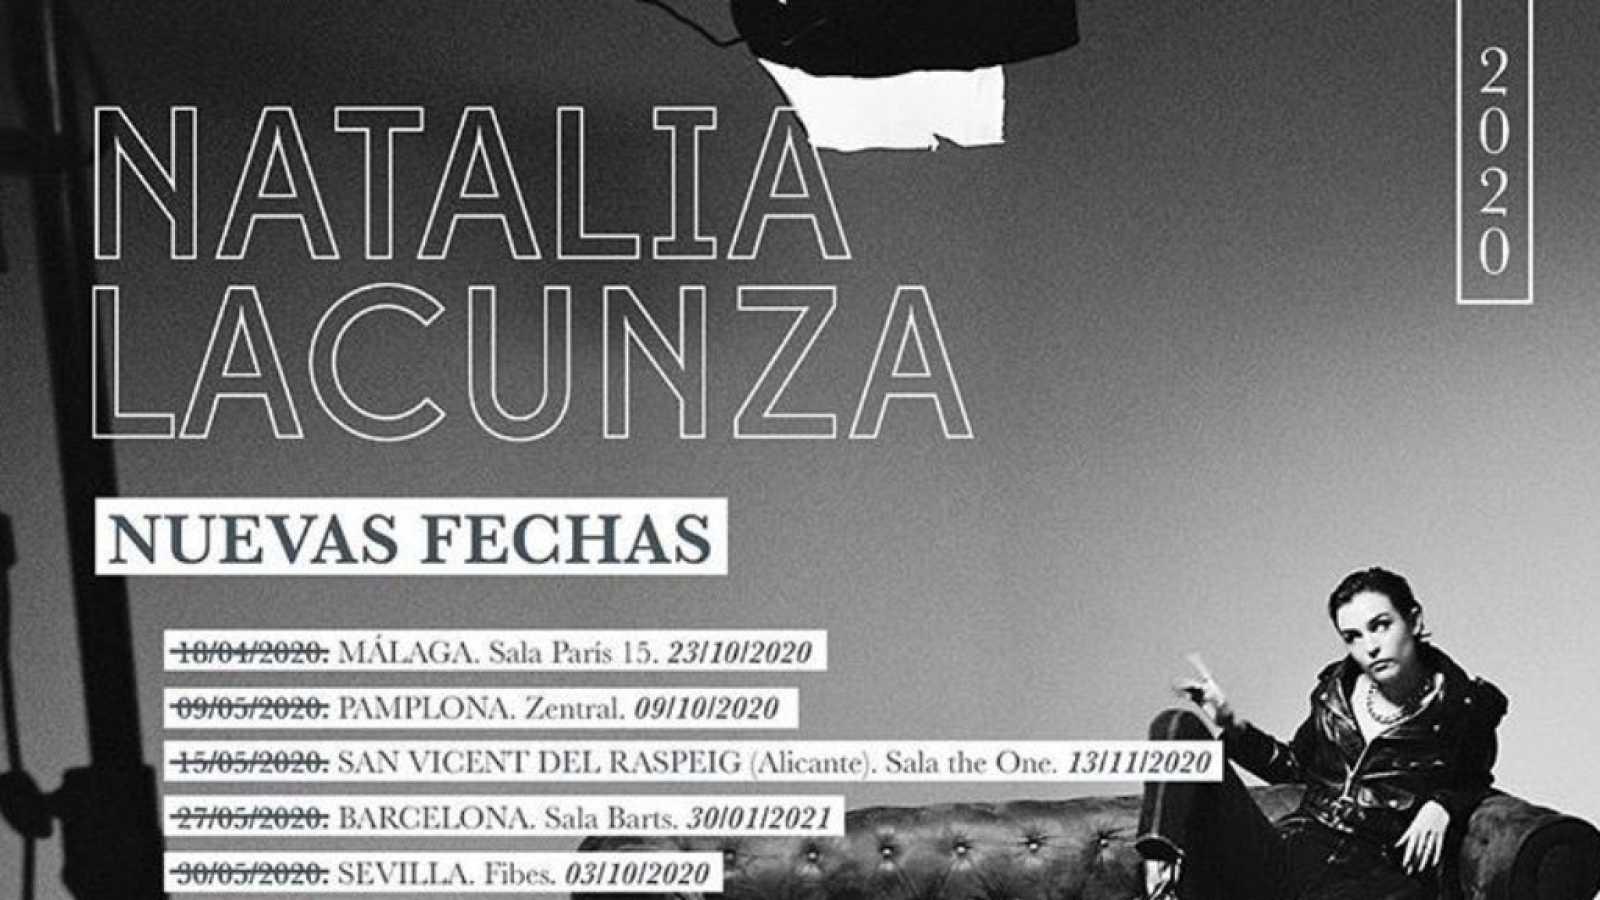 Natalia Lacunza anuncia nuevas fechas